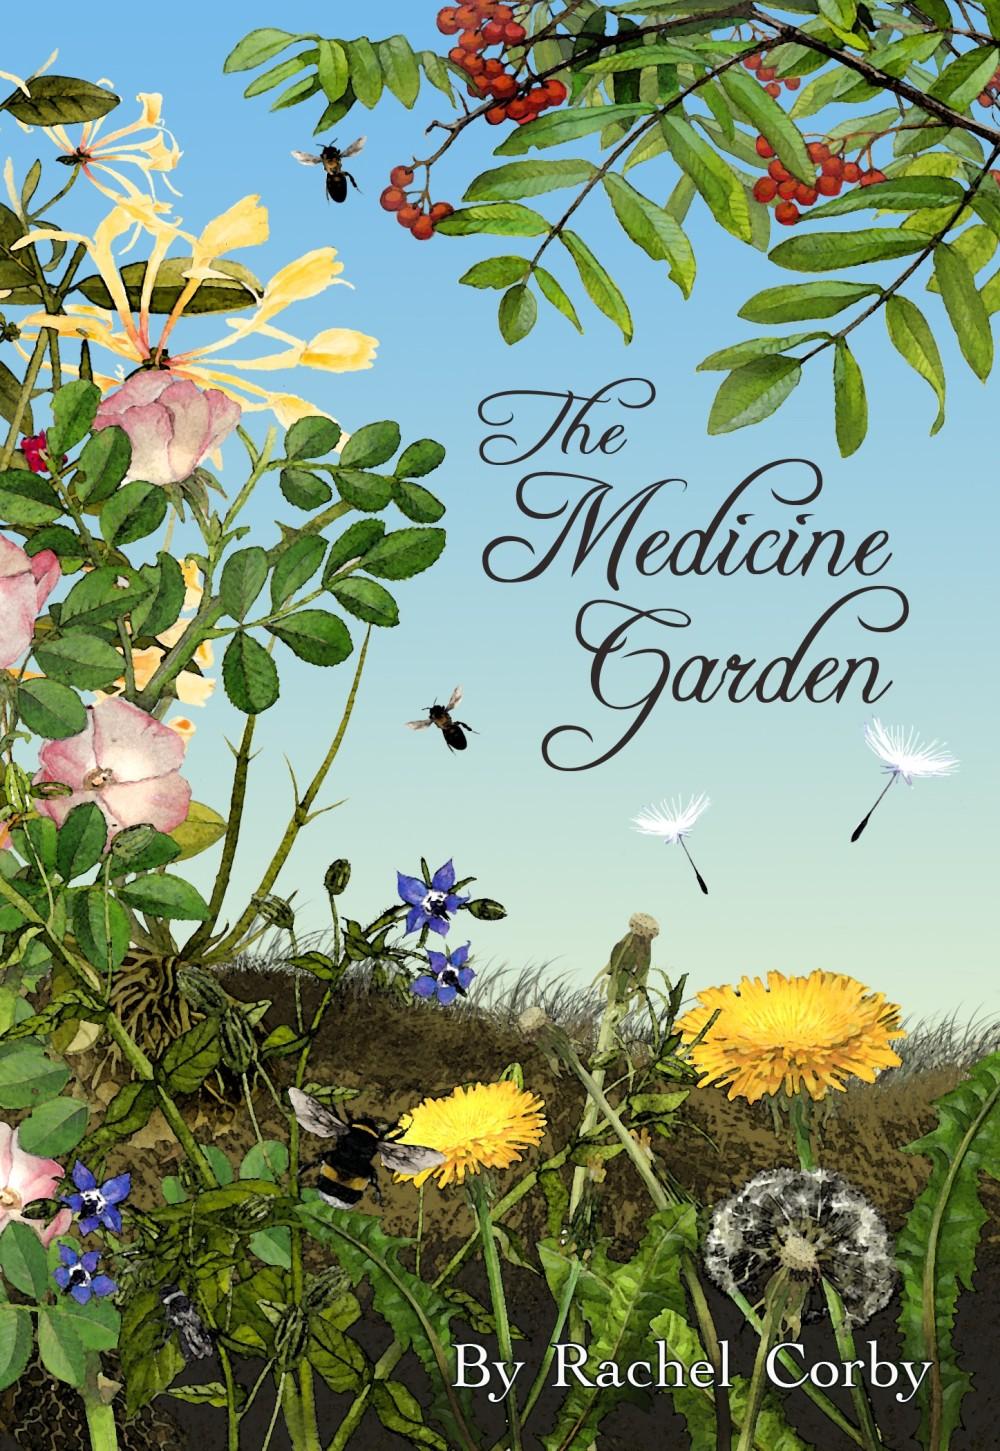 The Medicine Garden by Rachel Corby